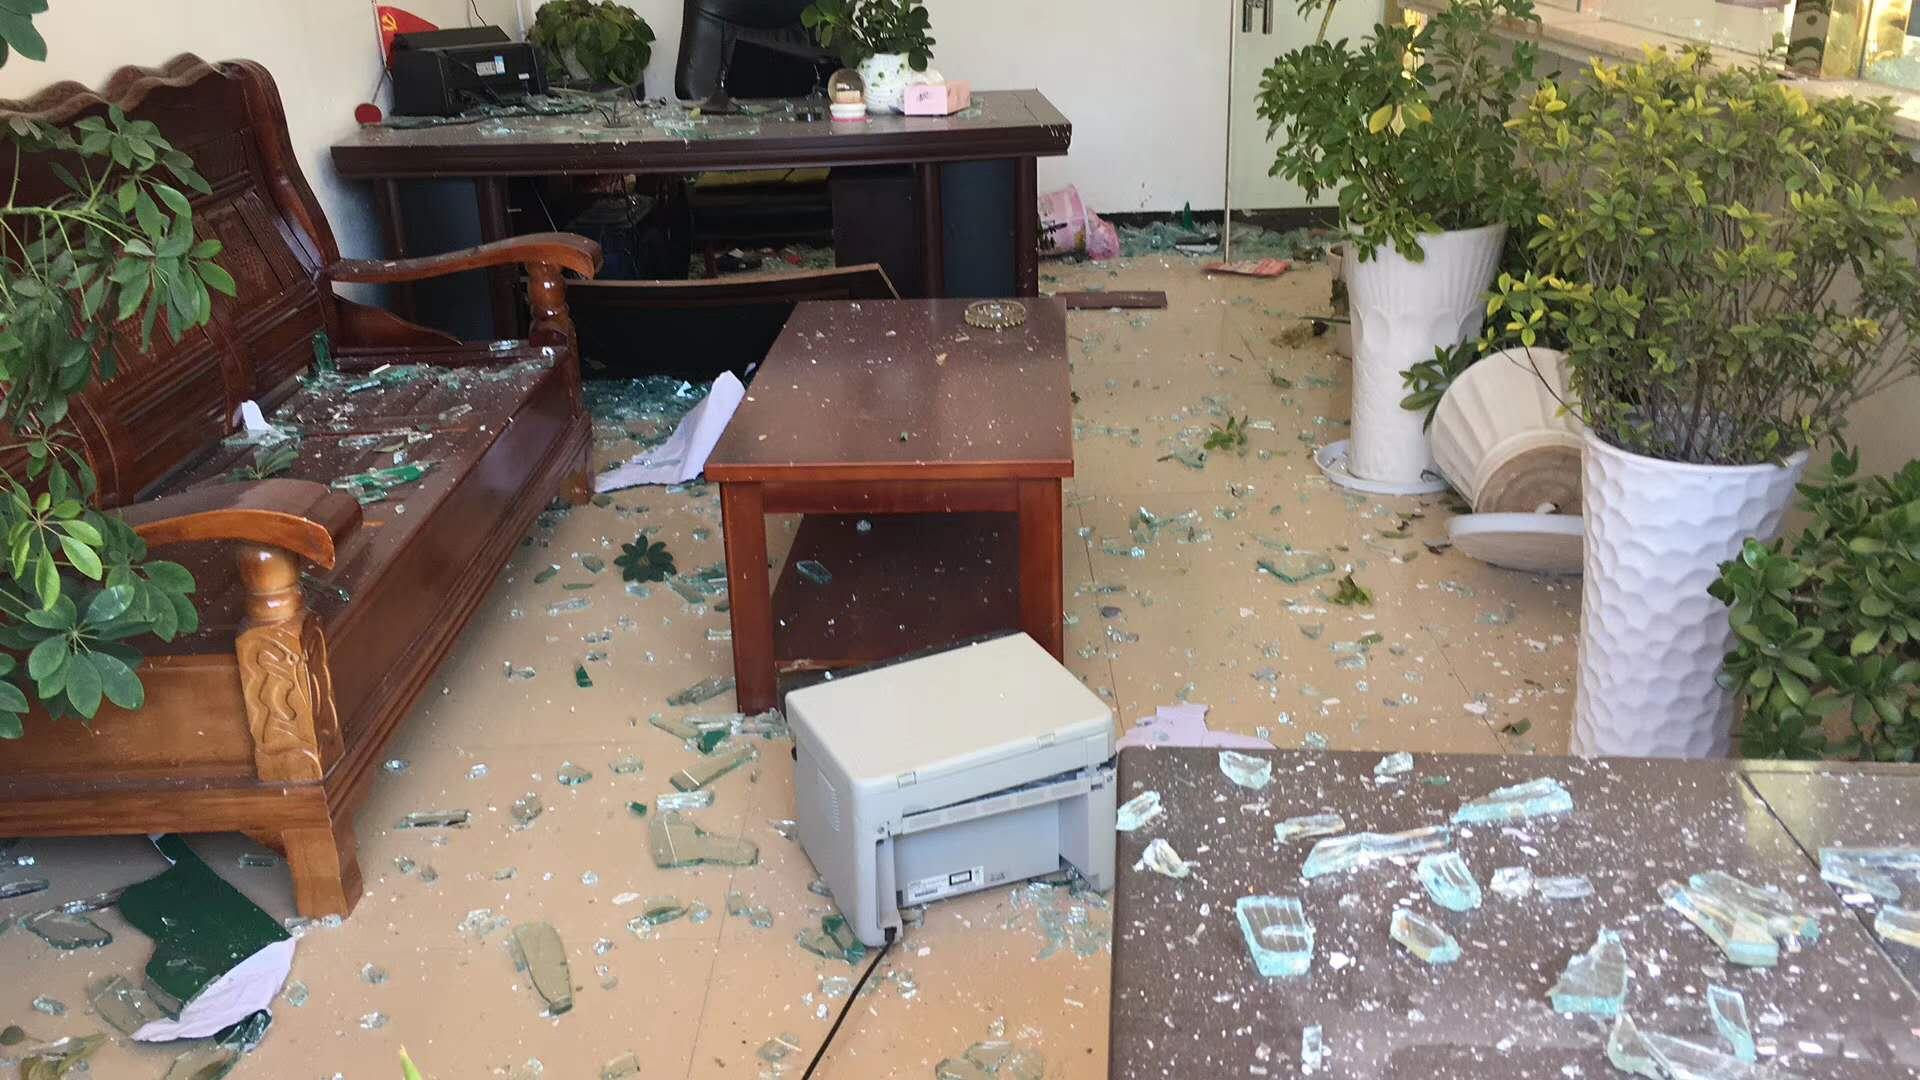 江蘇響水縣化工廠爆炸,村民家中被炸得一片狼藉。(受訪者提供)